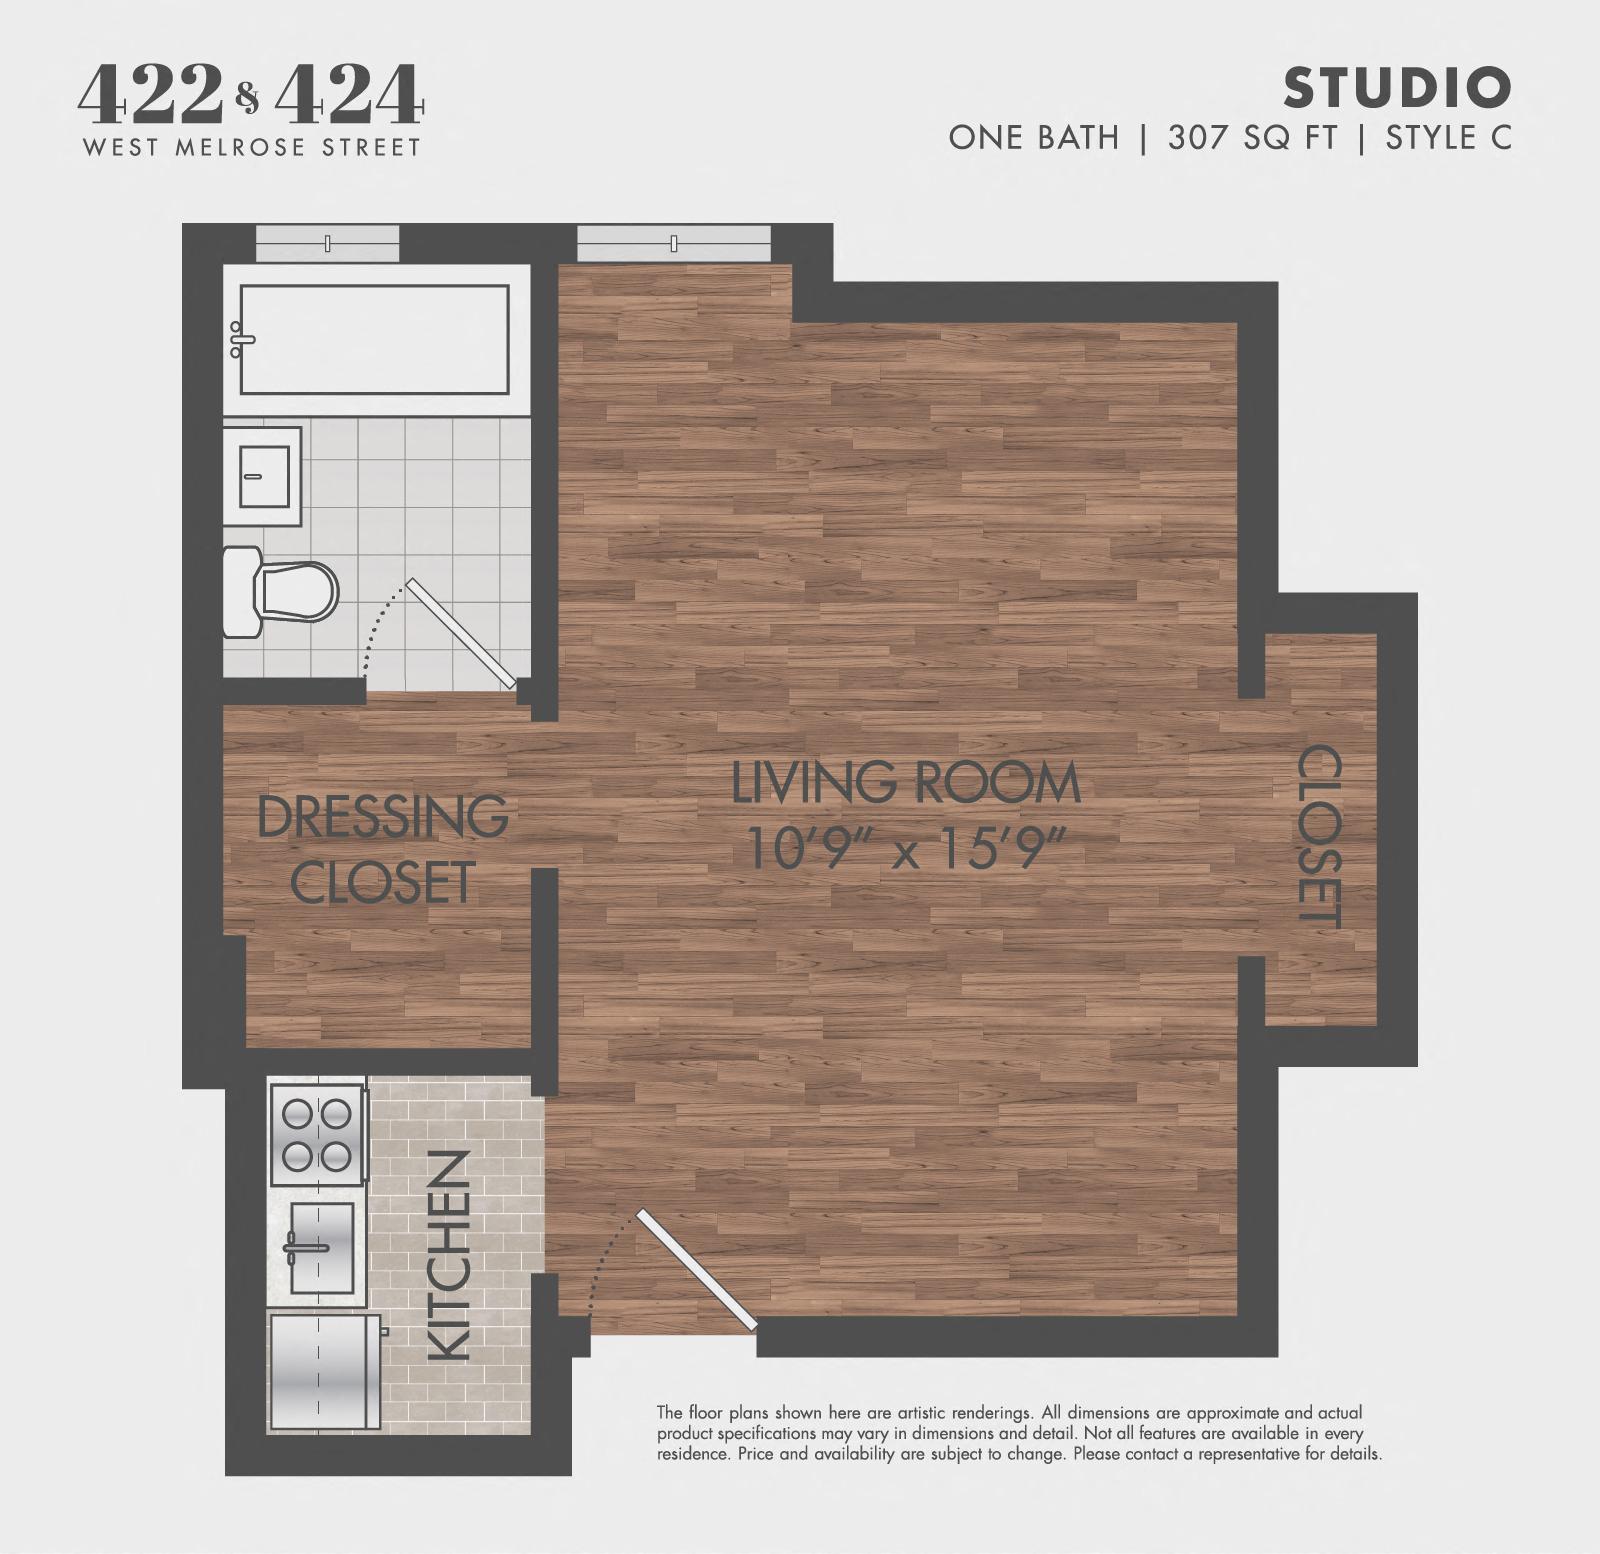 Studio - Style C